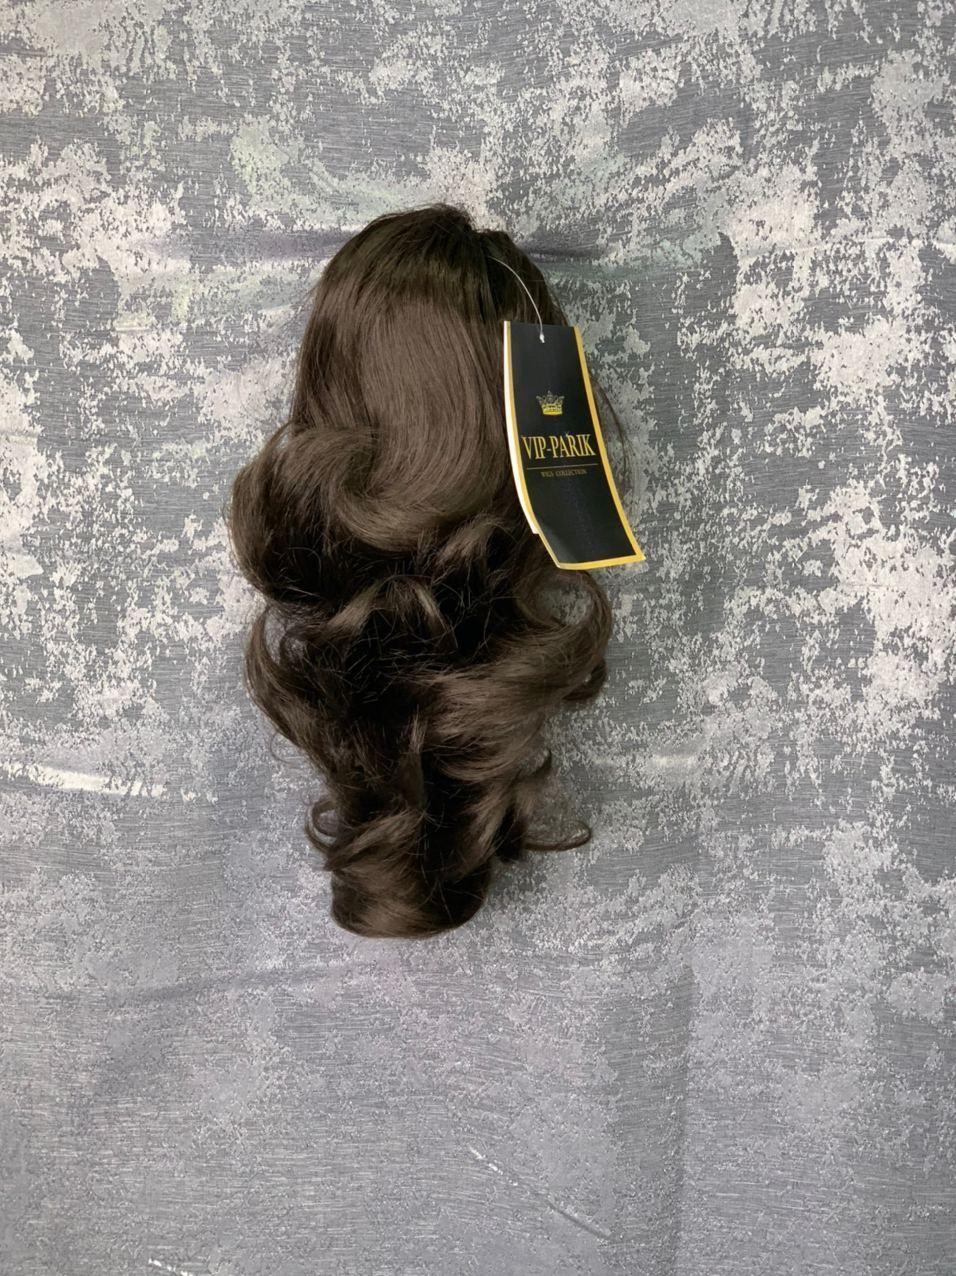 Шиньон вип-парик средней длины